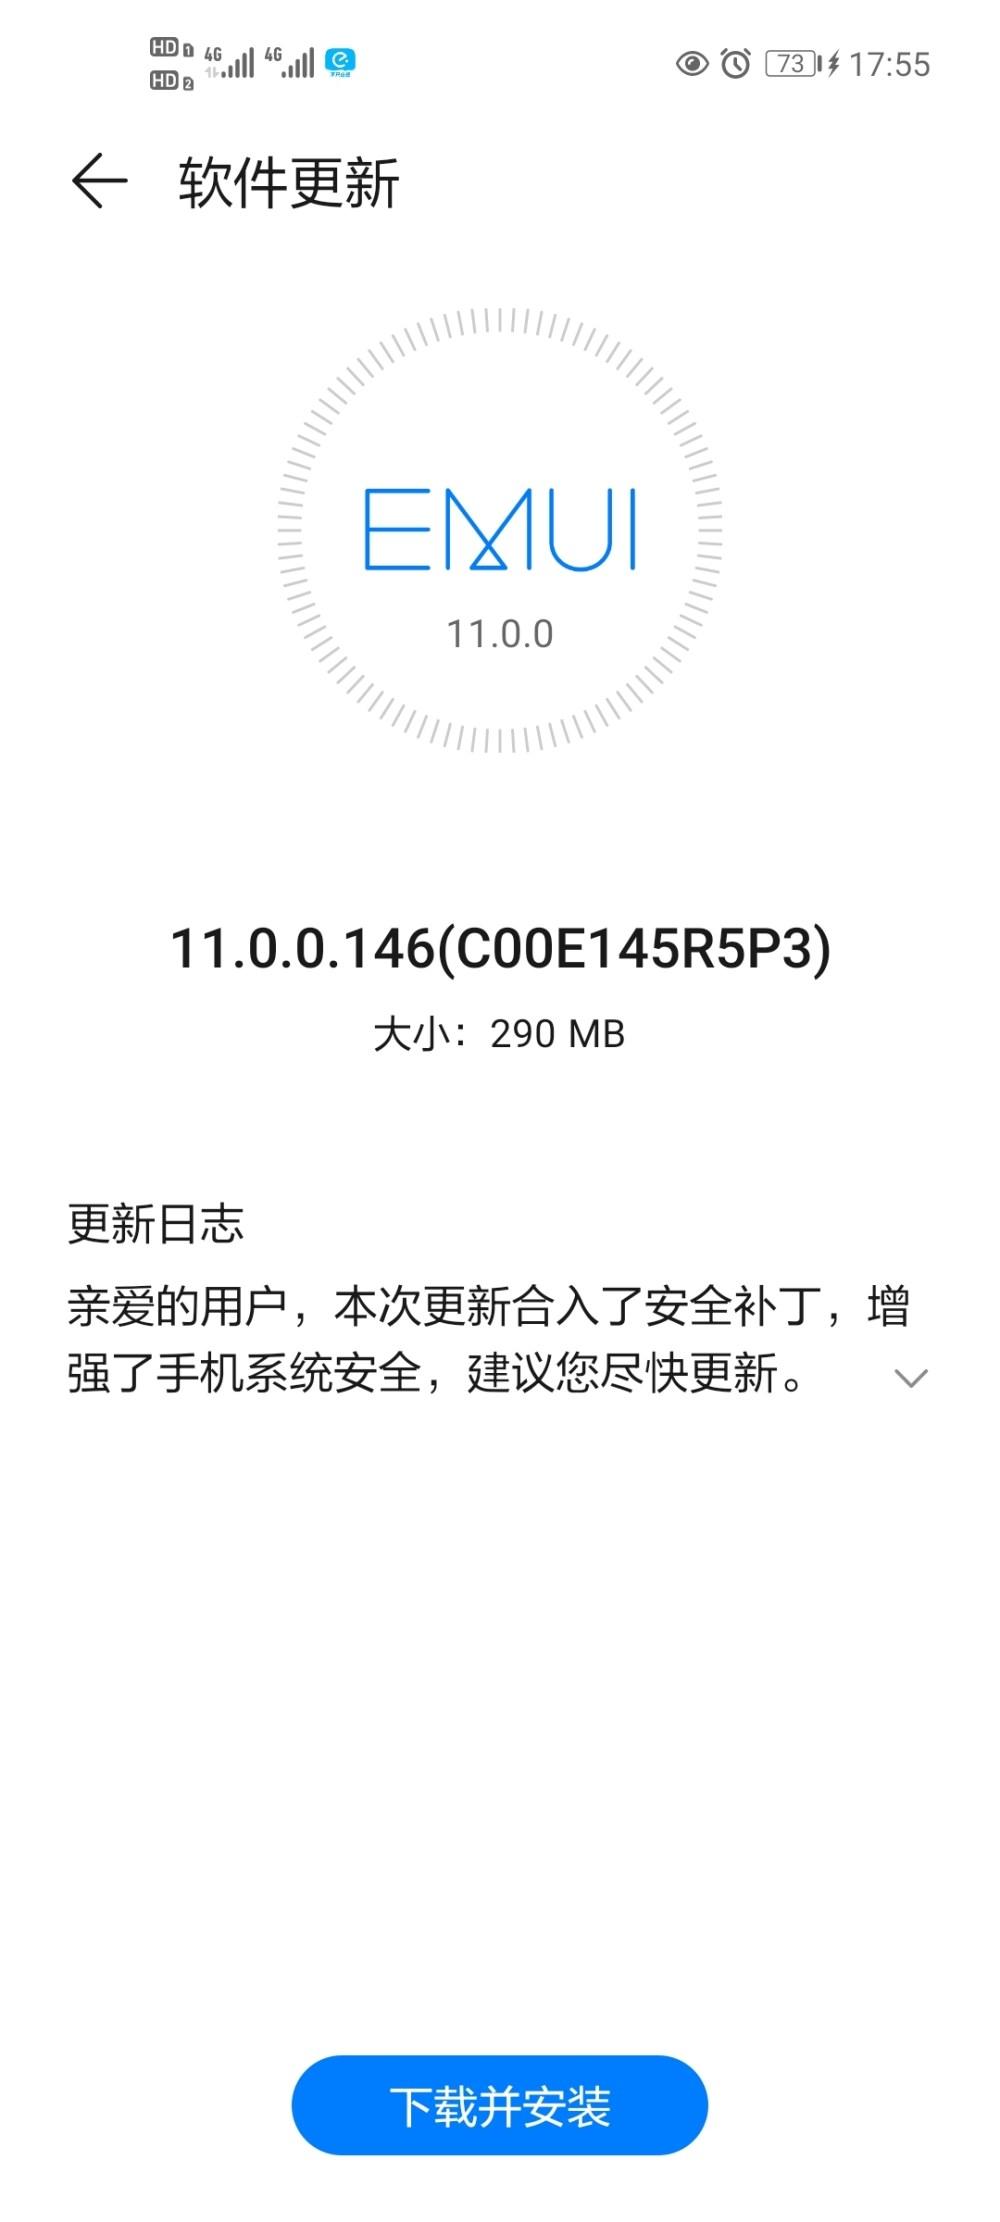 HUAWEI NOVA 7 AND NOVA 7 PRO 5G EMUI 11.0.0.146